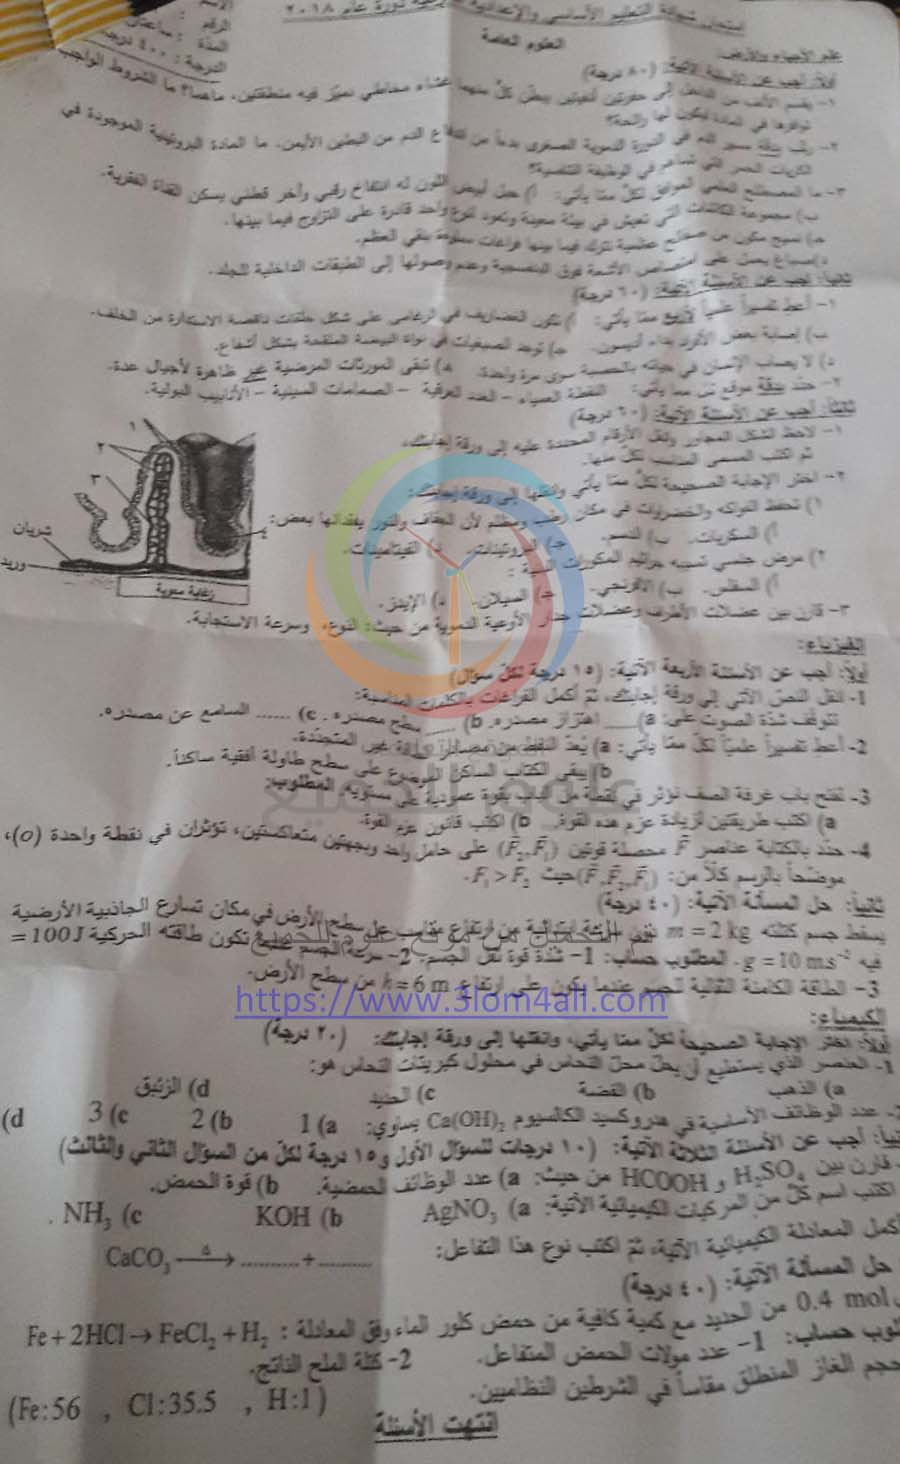 اسئلة امتحان العلوم ادلب 2018 لطلاب التاسع في سوريا